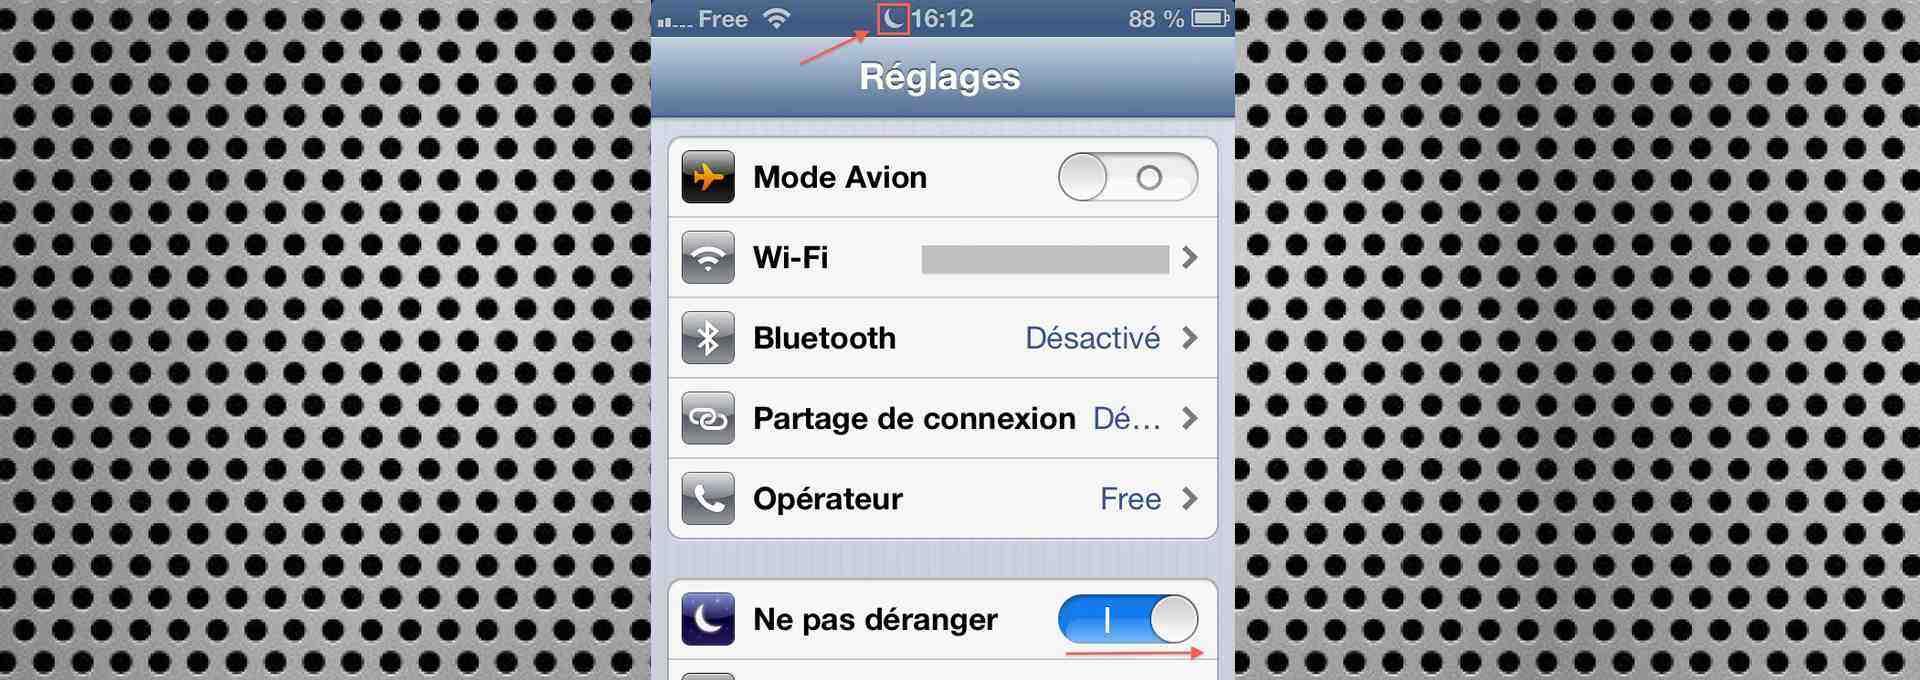 Comment utiliser la fonction «Ne pas déranger» d'iOS 6 ? (iGenius)